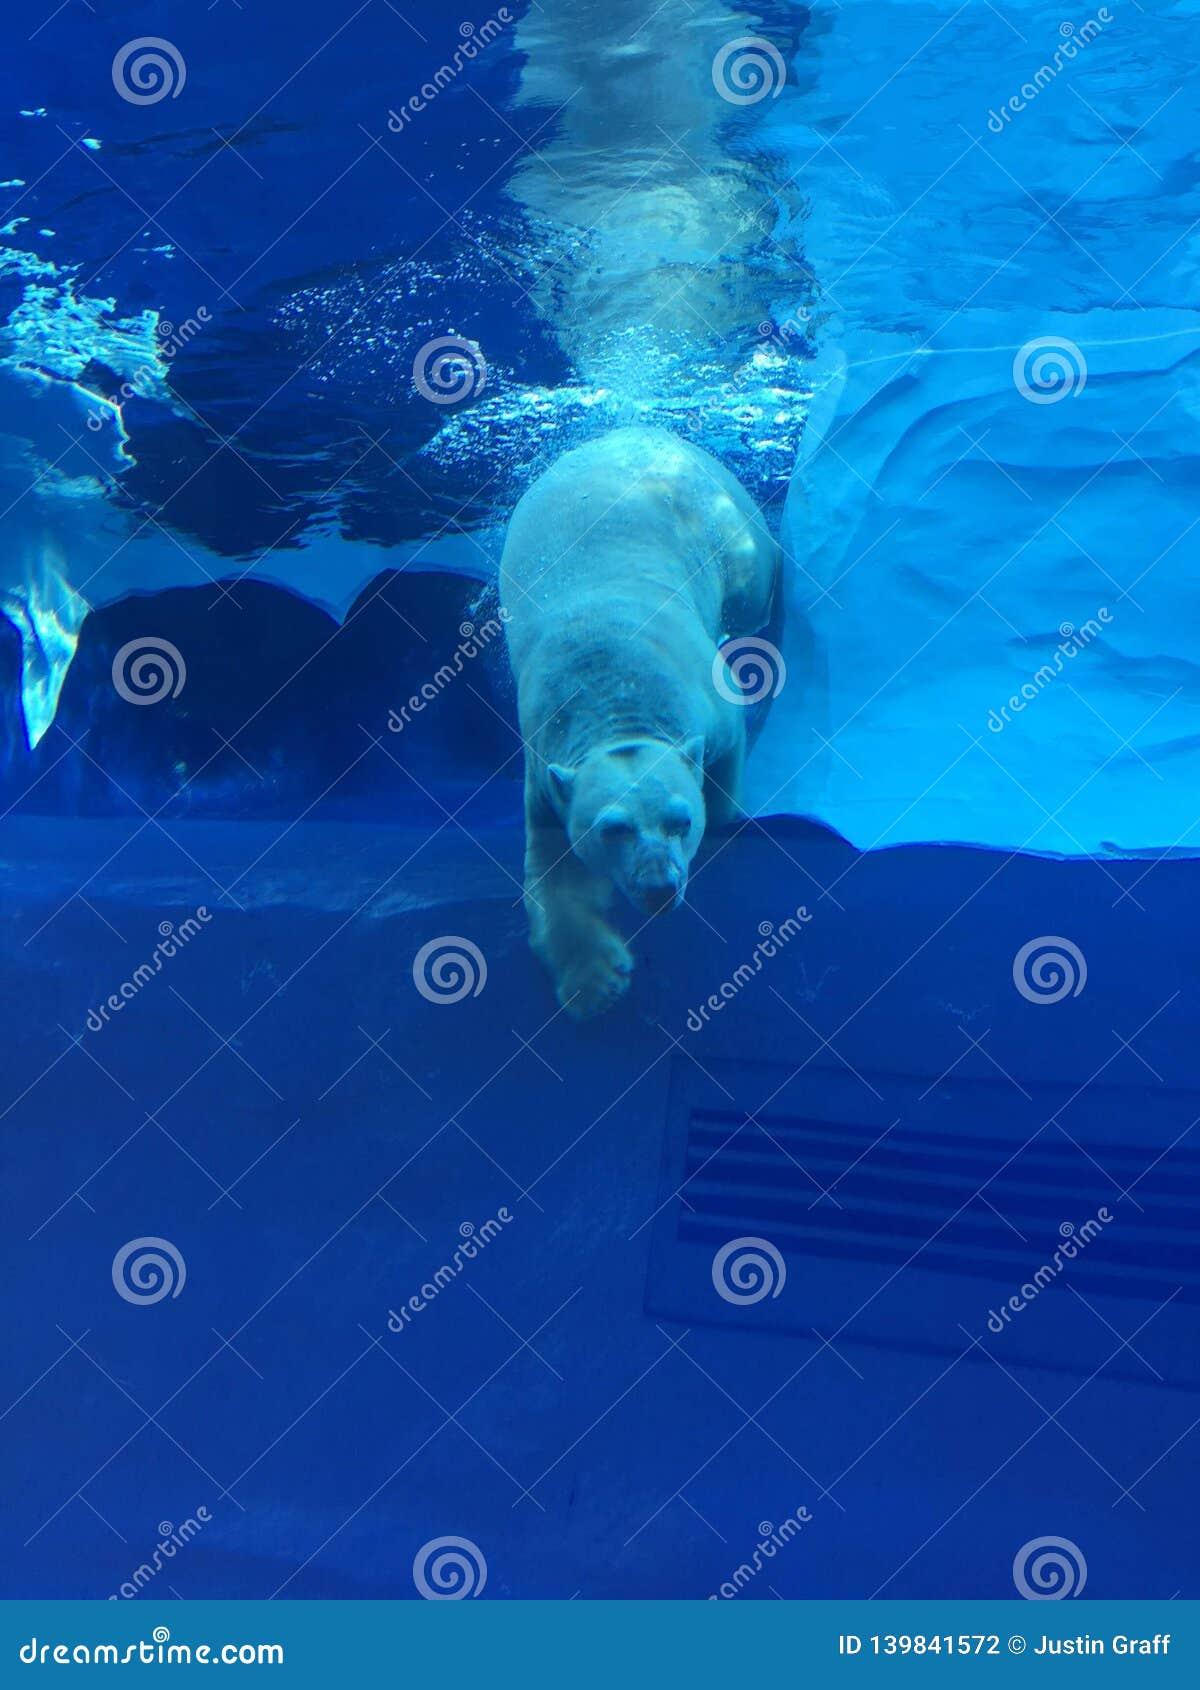 Полярный медведь плавая в большом бассейне как океан с айсбергами